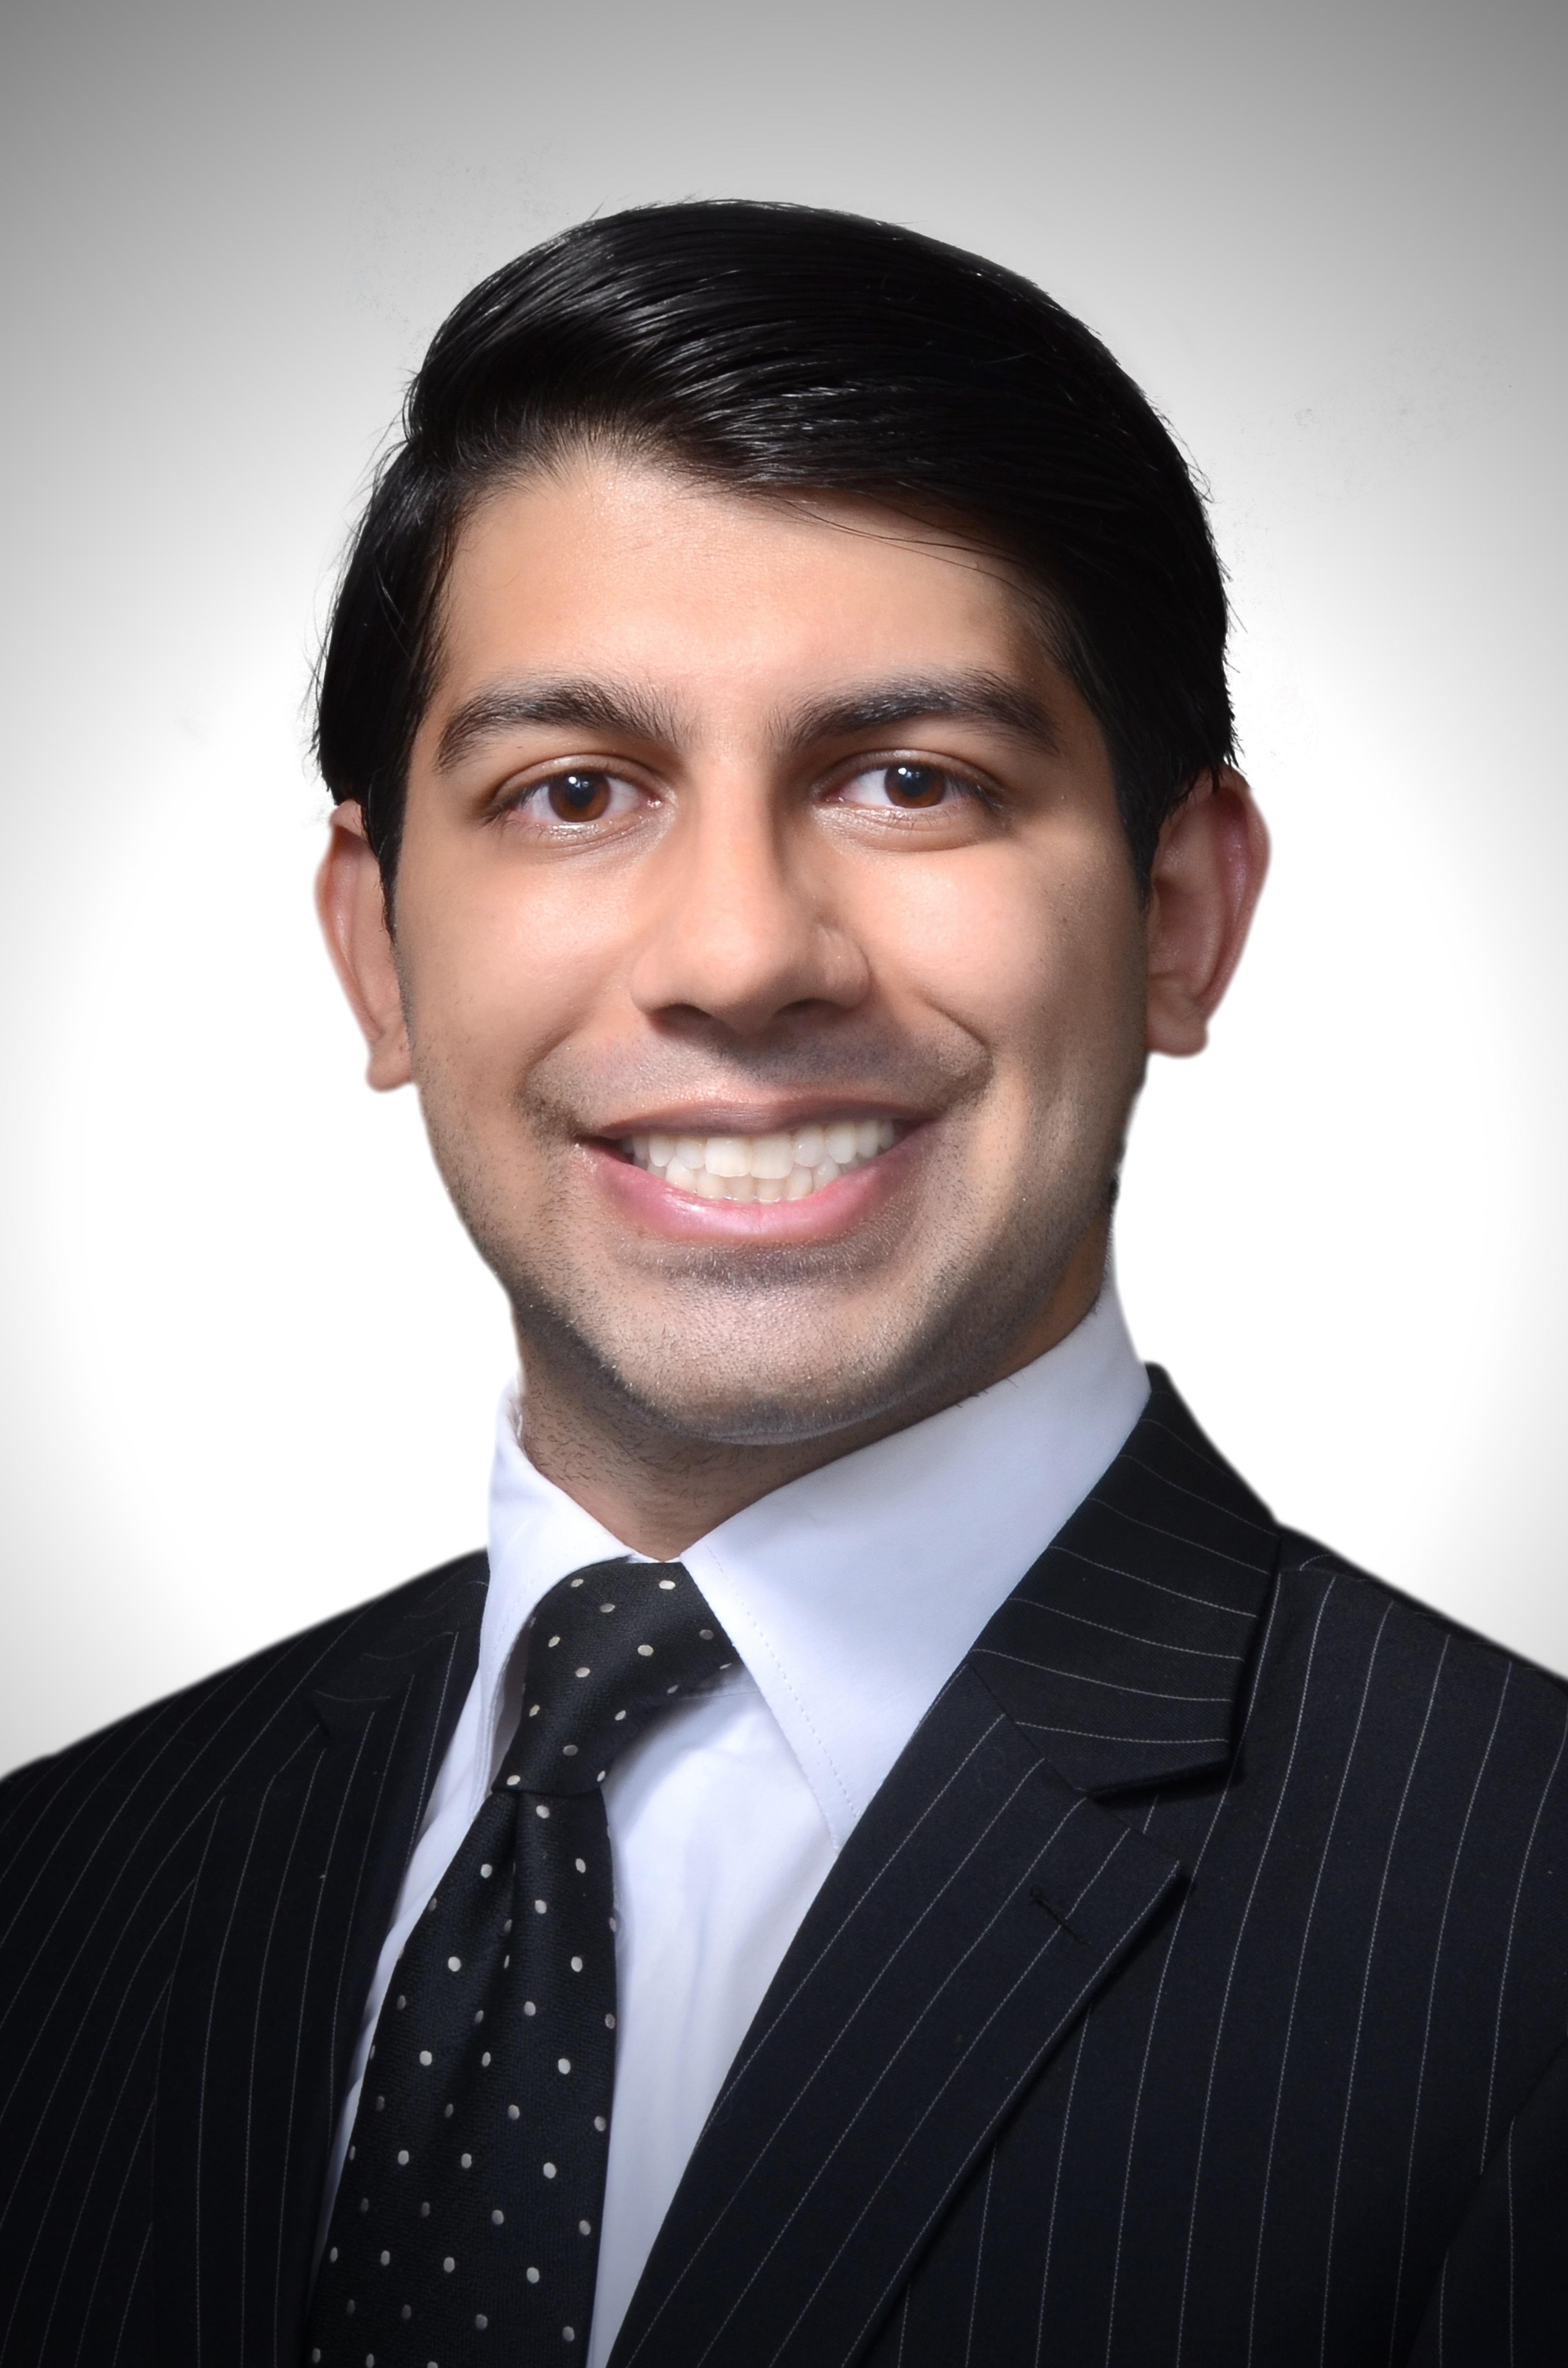 Danish Aftab-Member of Berkeley Global Society